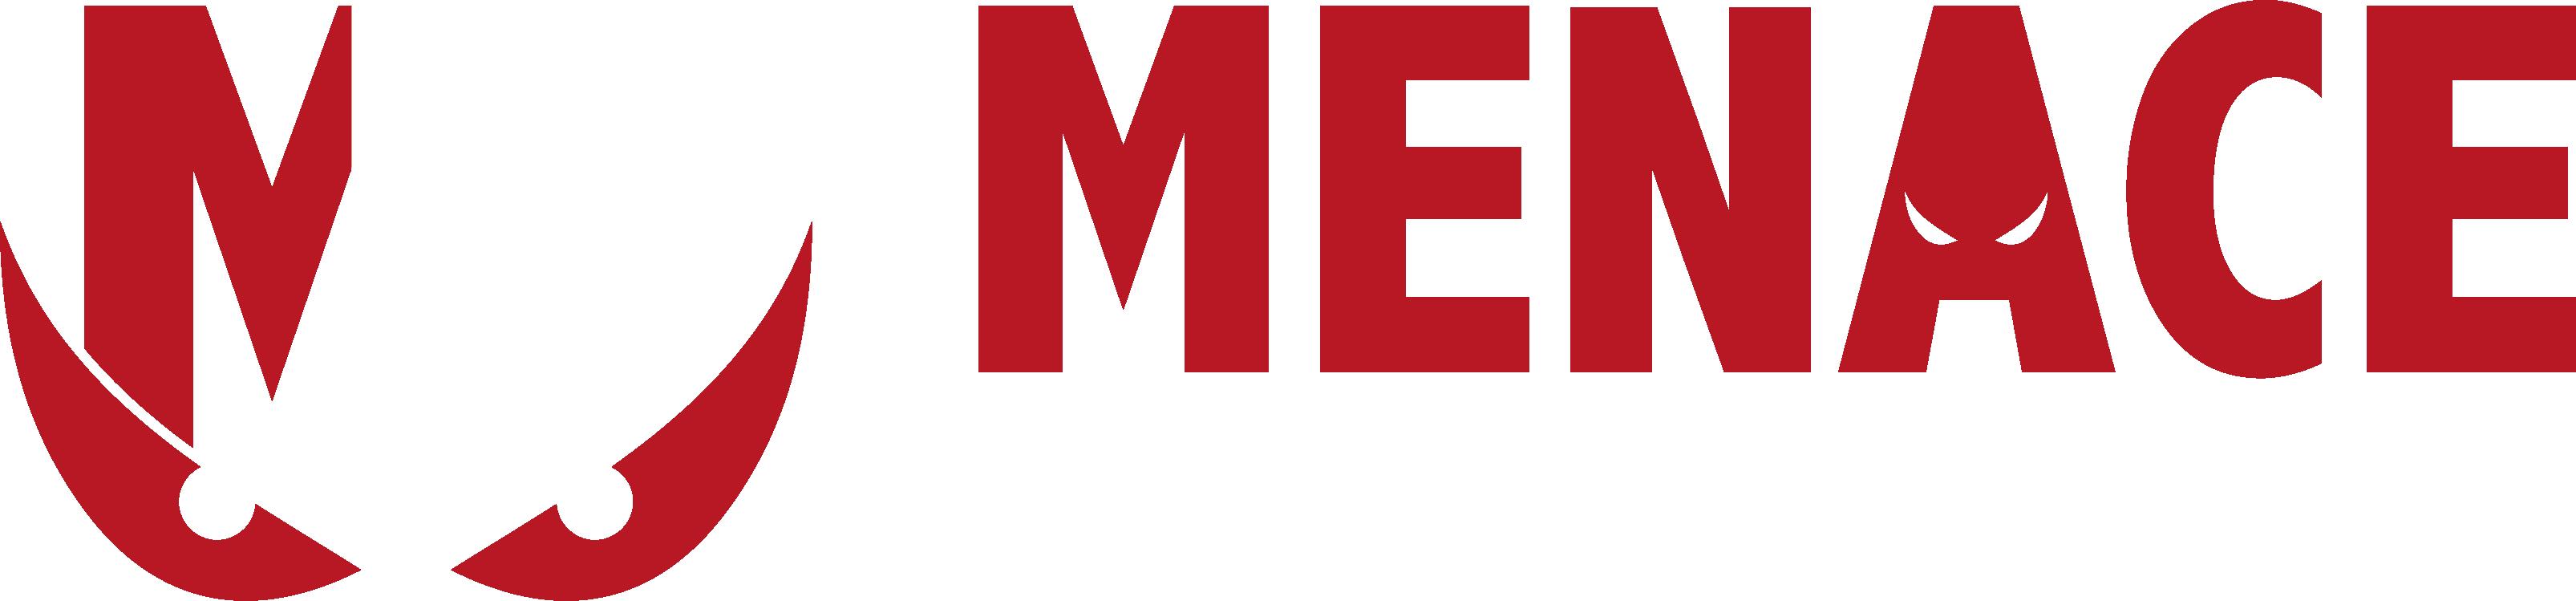 Menace Media